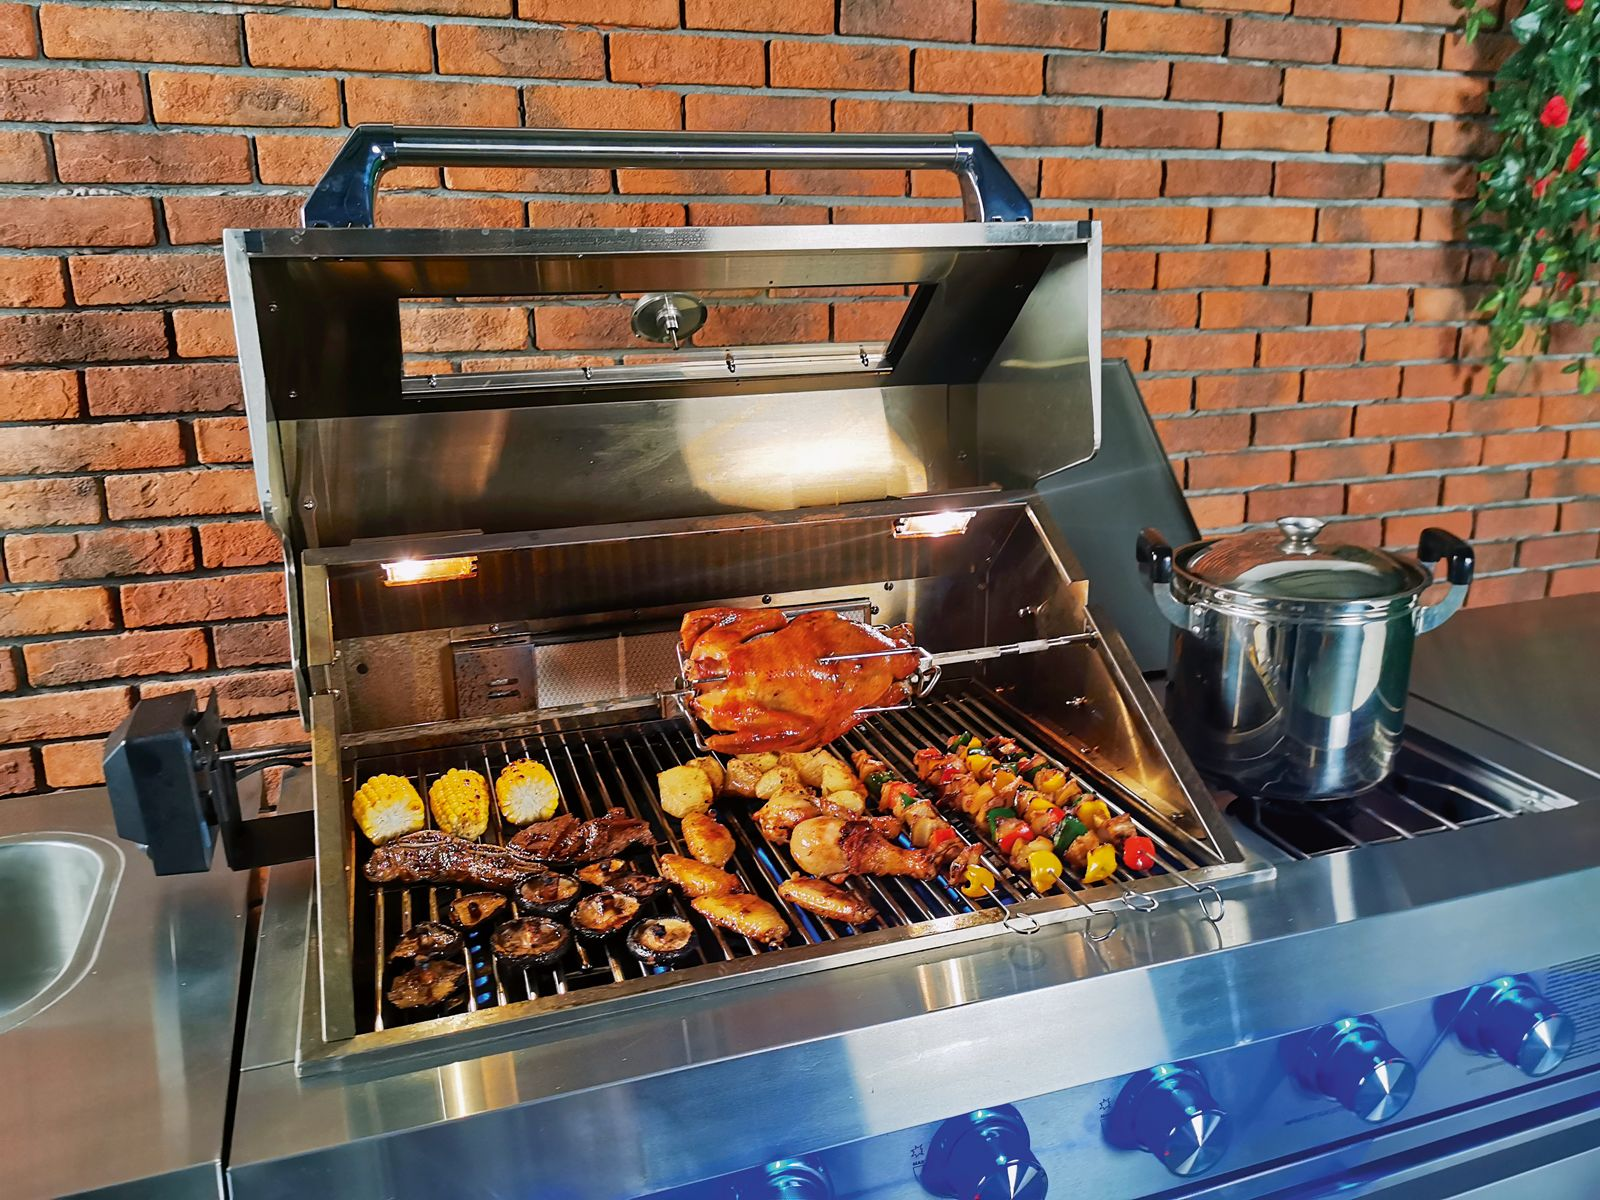 Gartenkuche Kompakte Komplett Outdoor Kuche Mit Gasgrill Und Kuhlschrank Gardenplaza